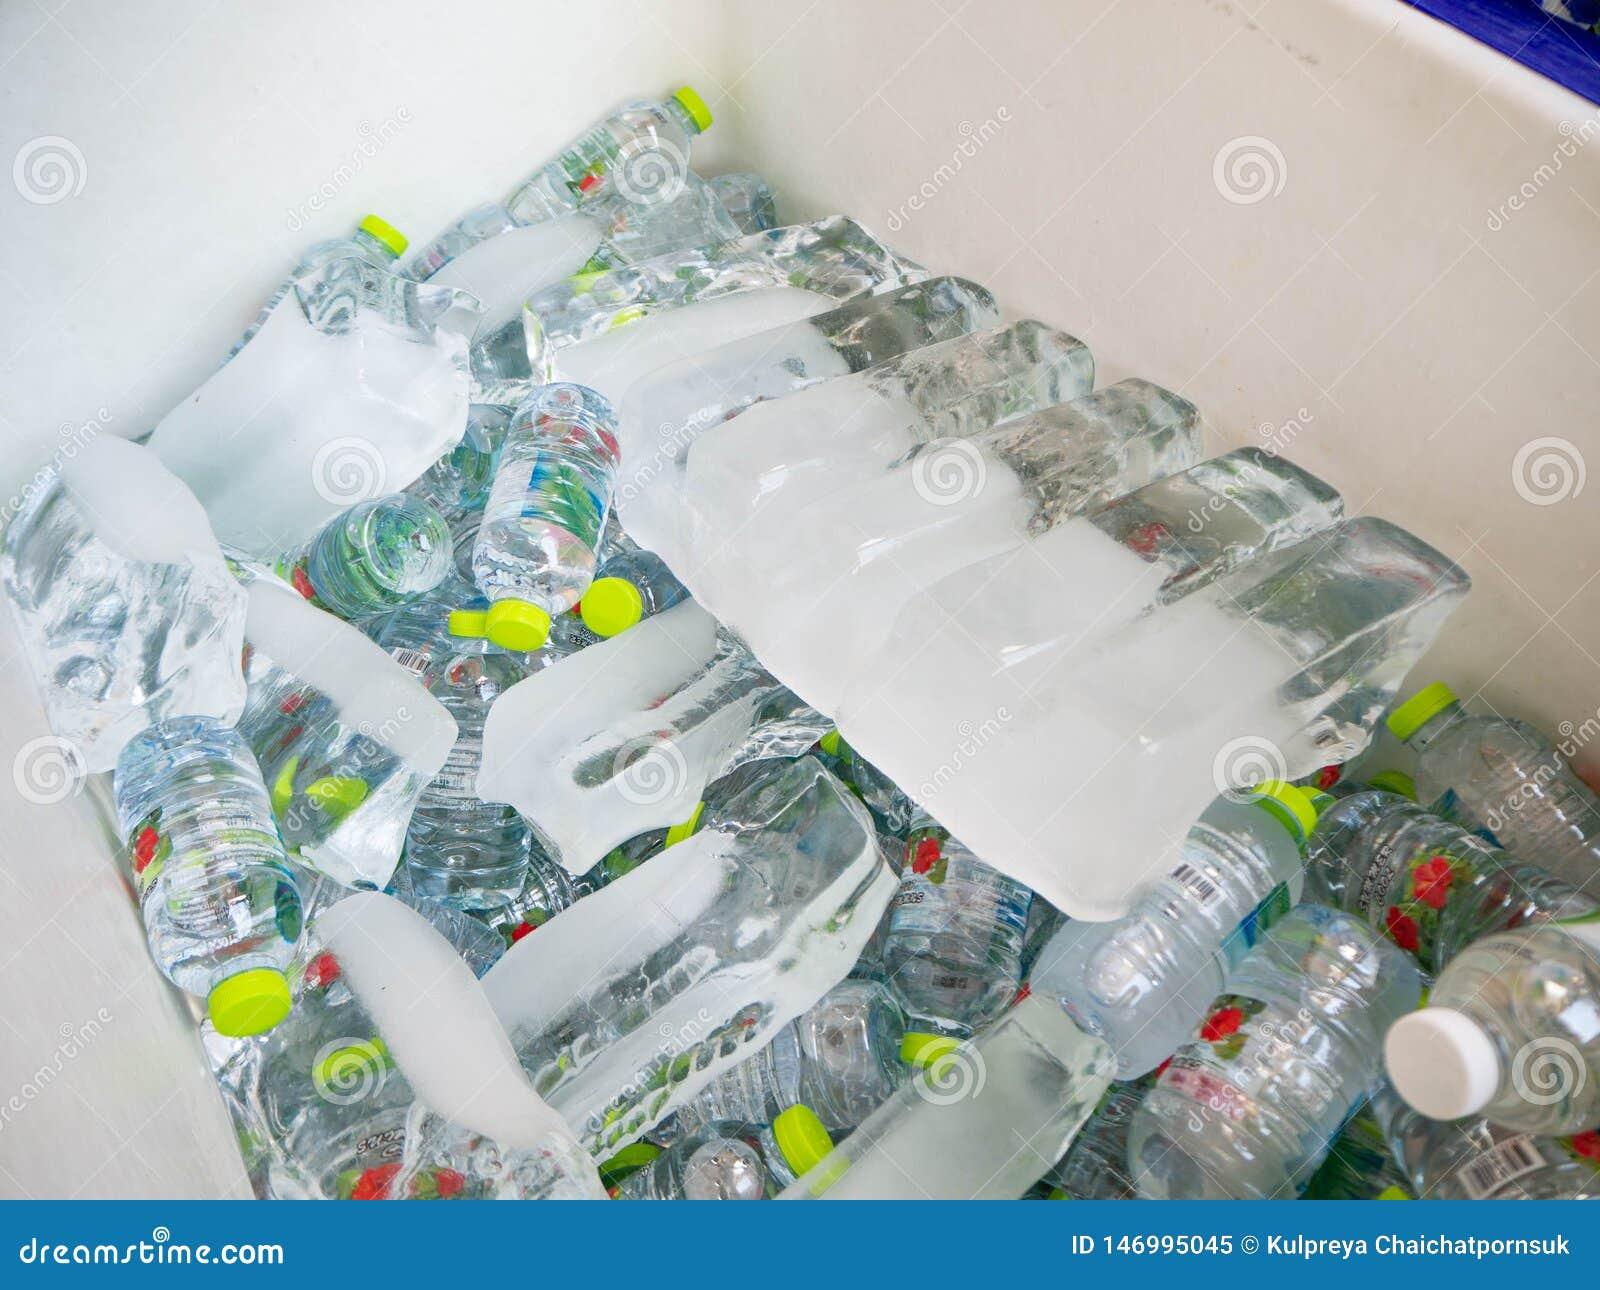 Bottiglie di acqua inzuppate in secchielli del ghiaccio, Bangkok, Tailandia